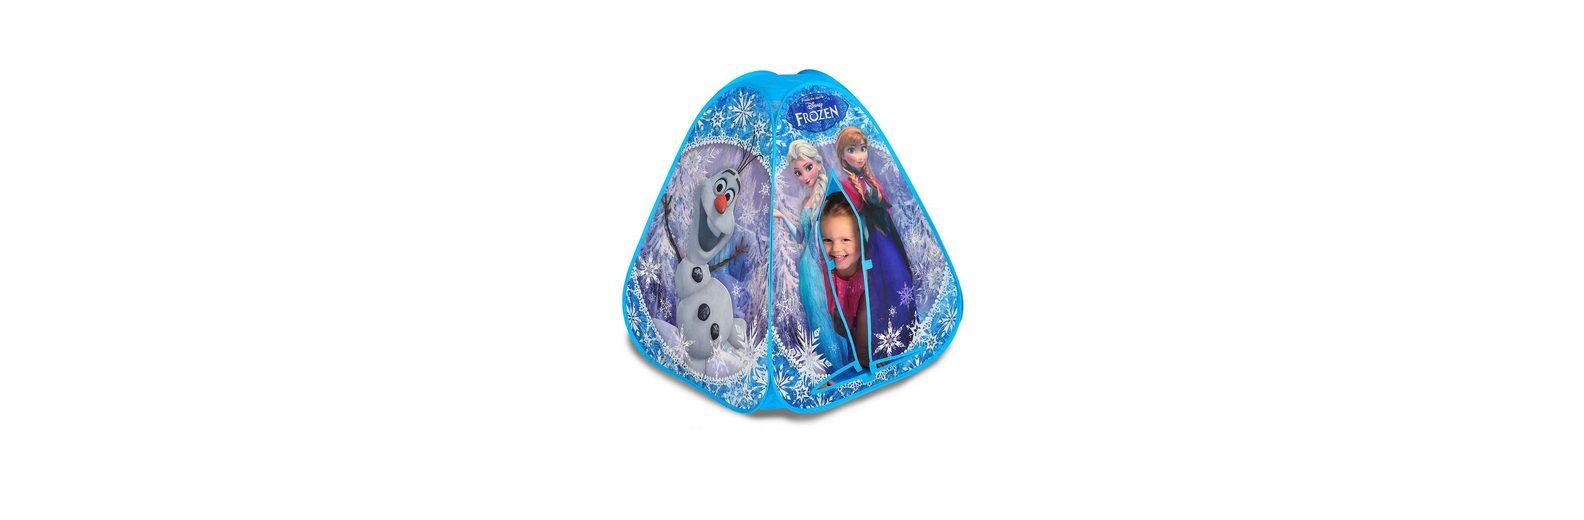 Pop-Up Kinderzelt, »Frozen«, knorr toys